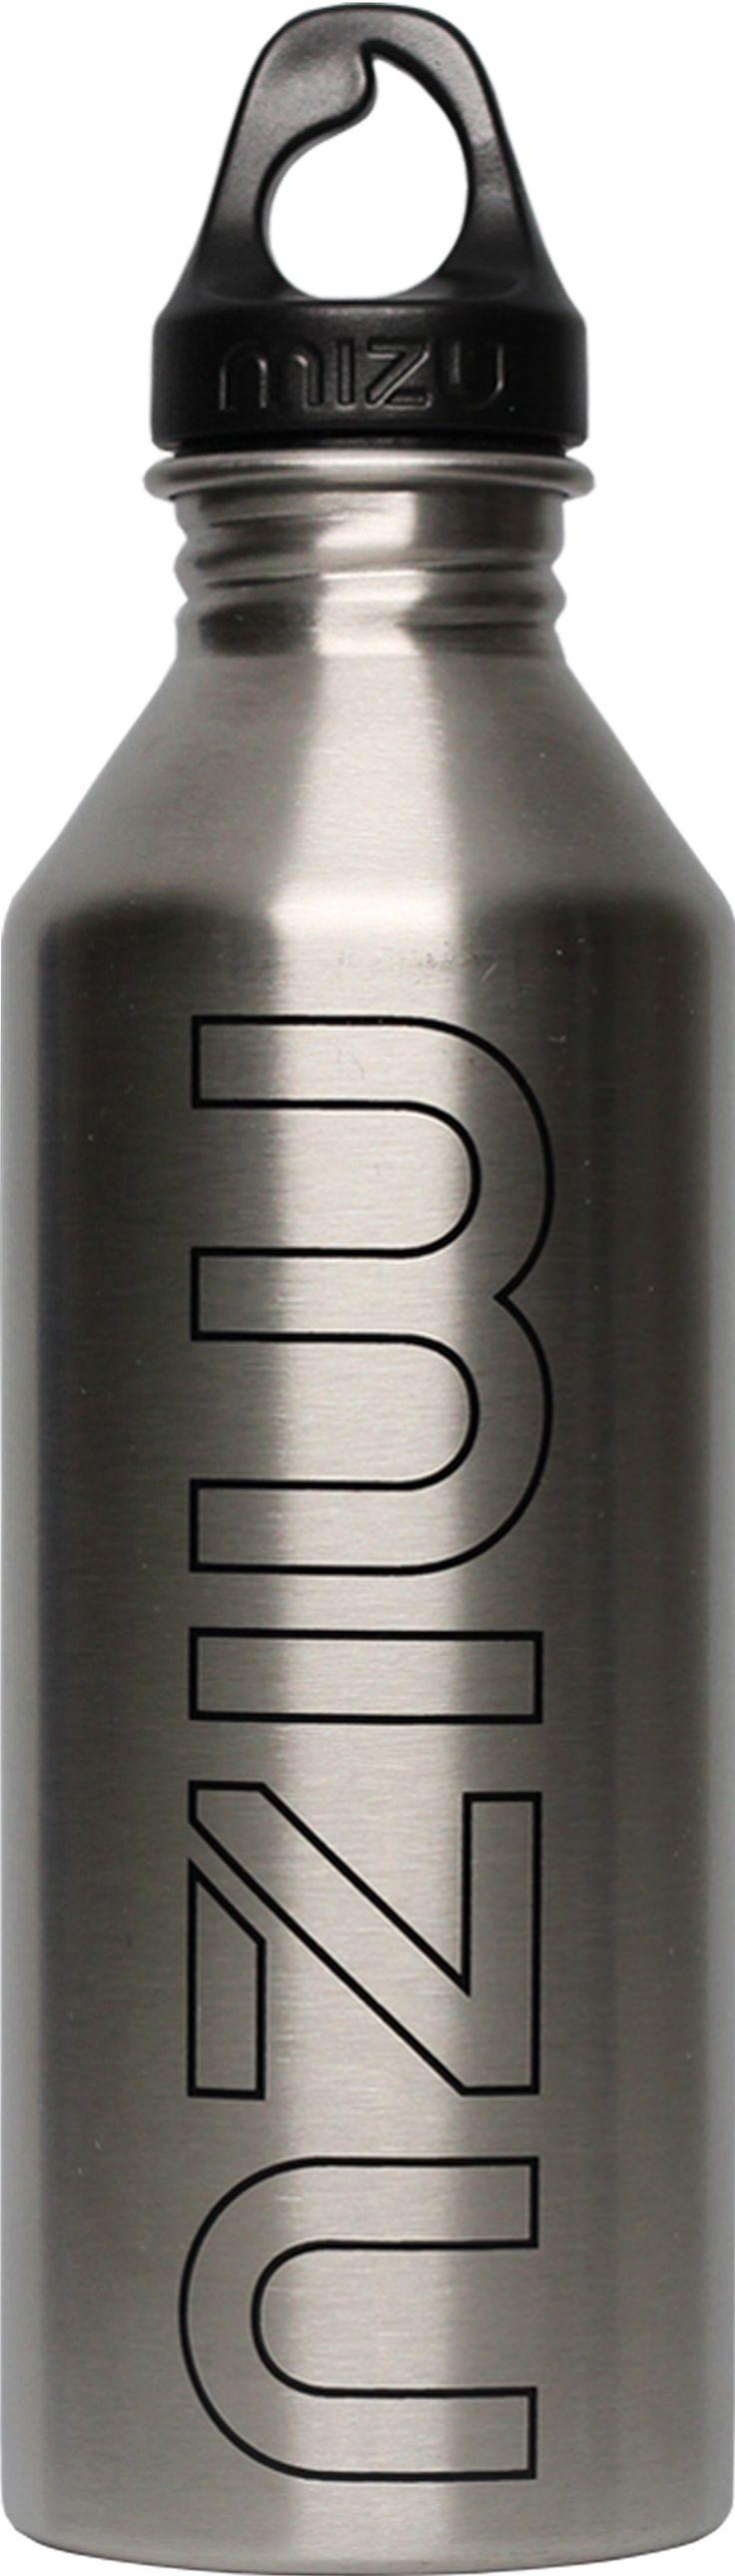 Mizu bottle stainless steel